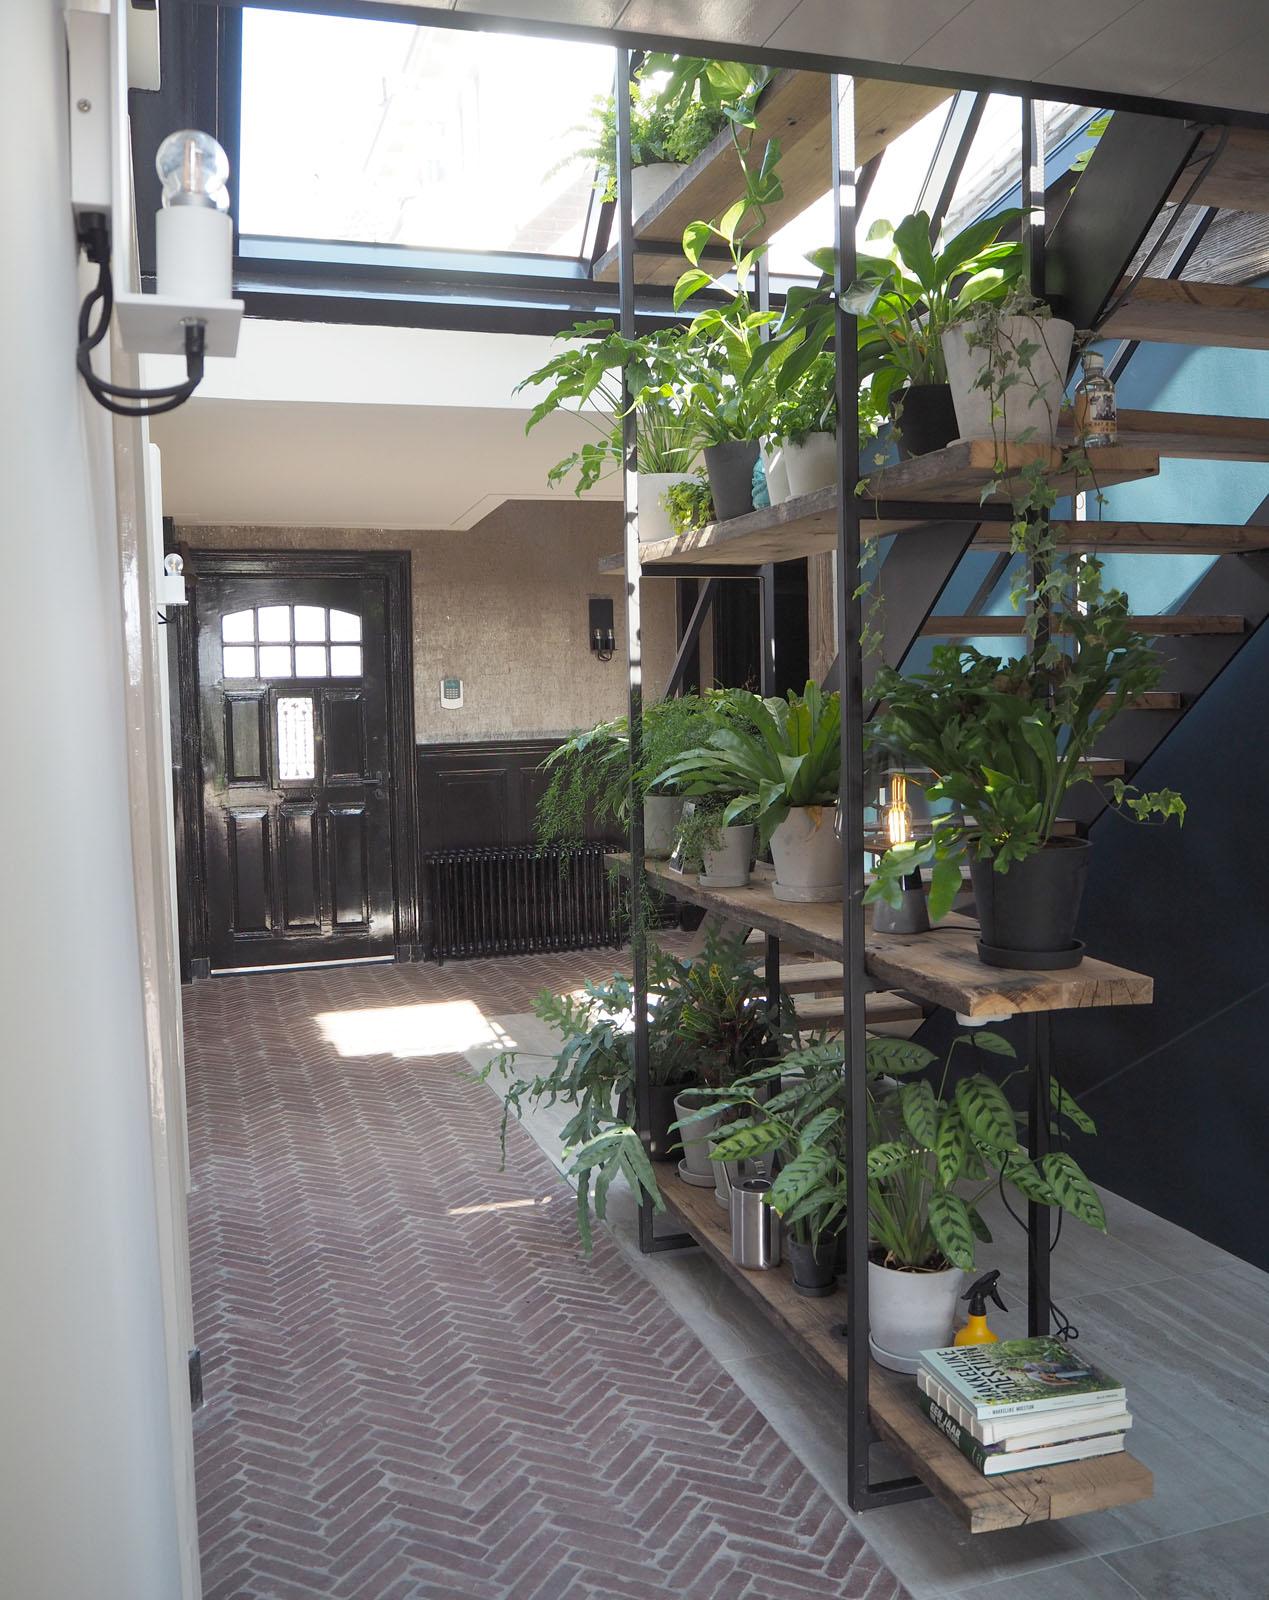 hallway_frontdoor_trijnie_plants_stairs_jeroendenijs